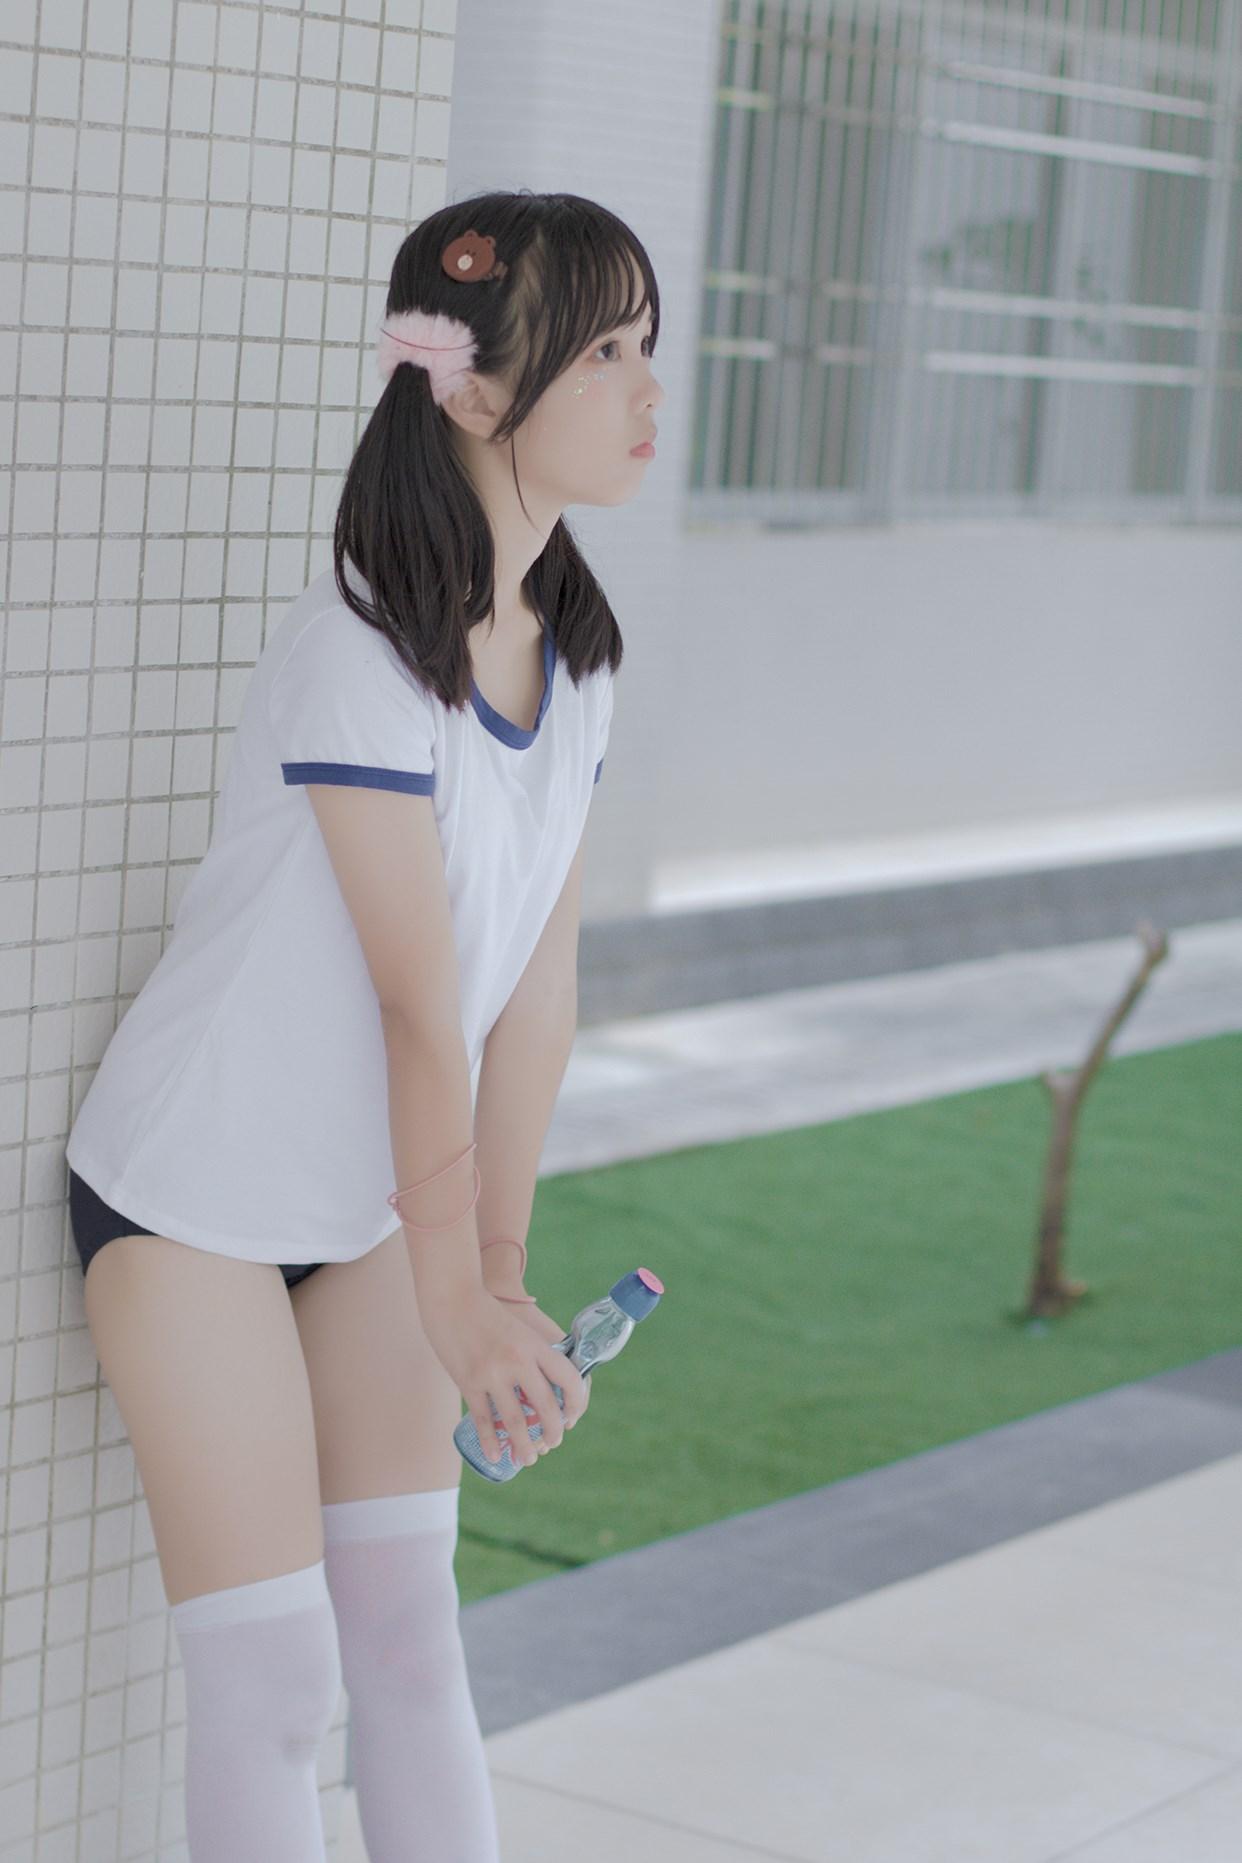 【兔玩映画】萝莉的体操服 兔玩映画 第24张